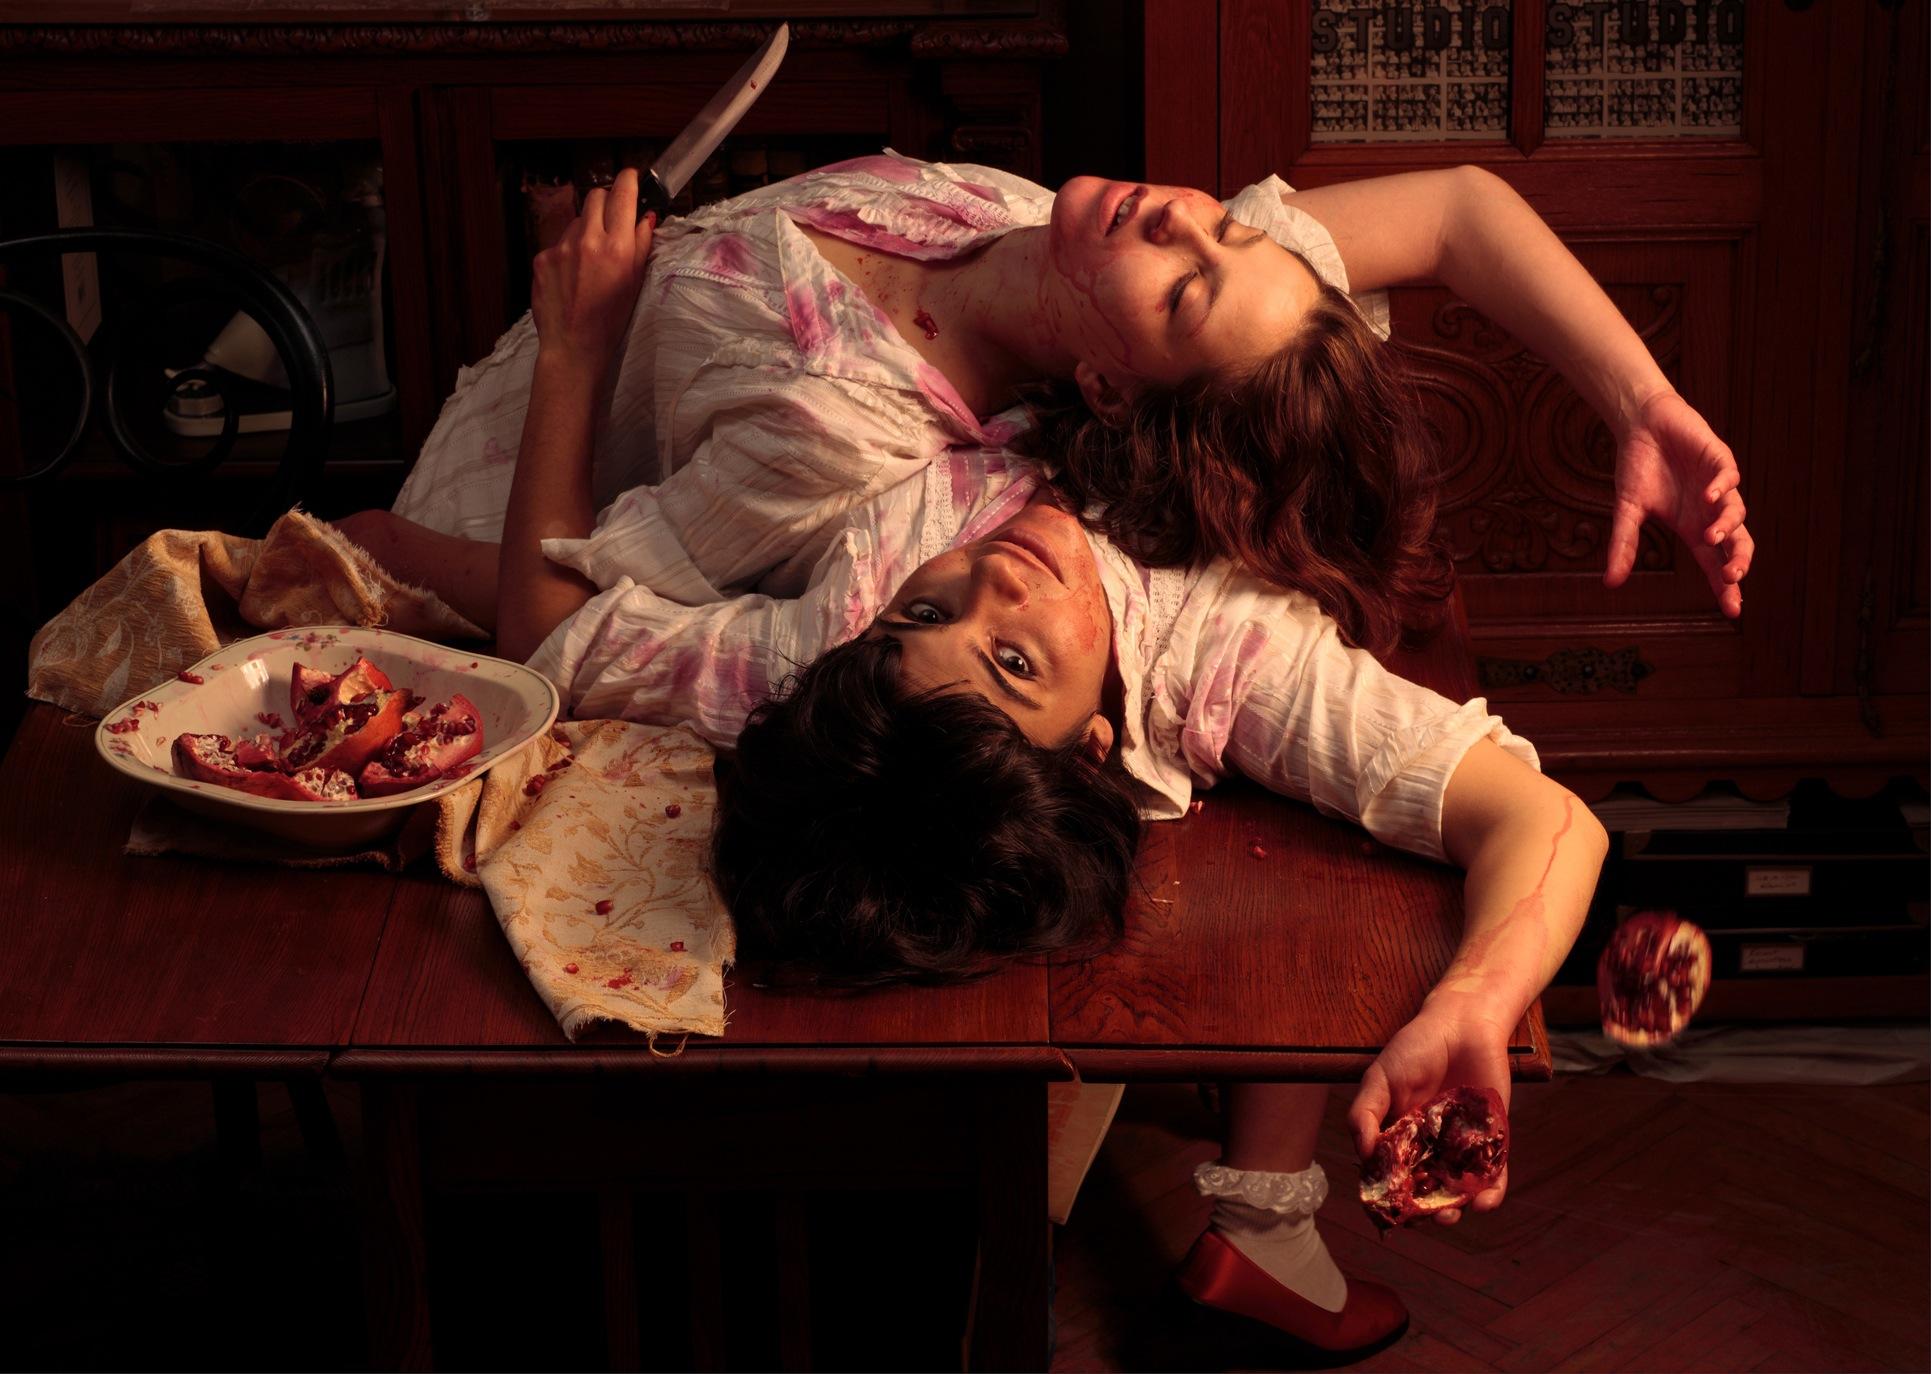 02 VirginSuicides (2009)